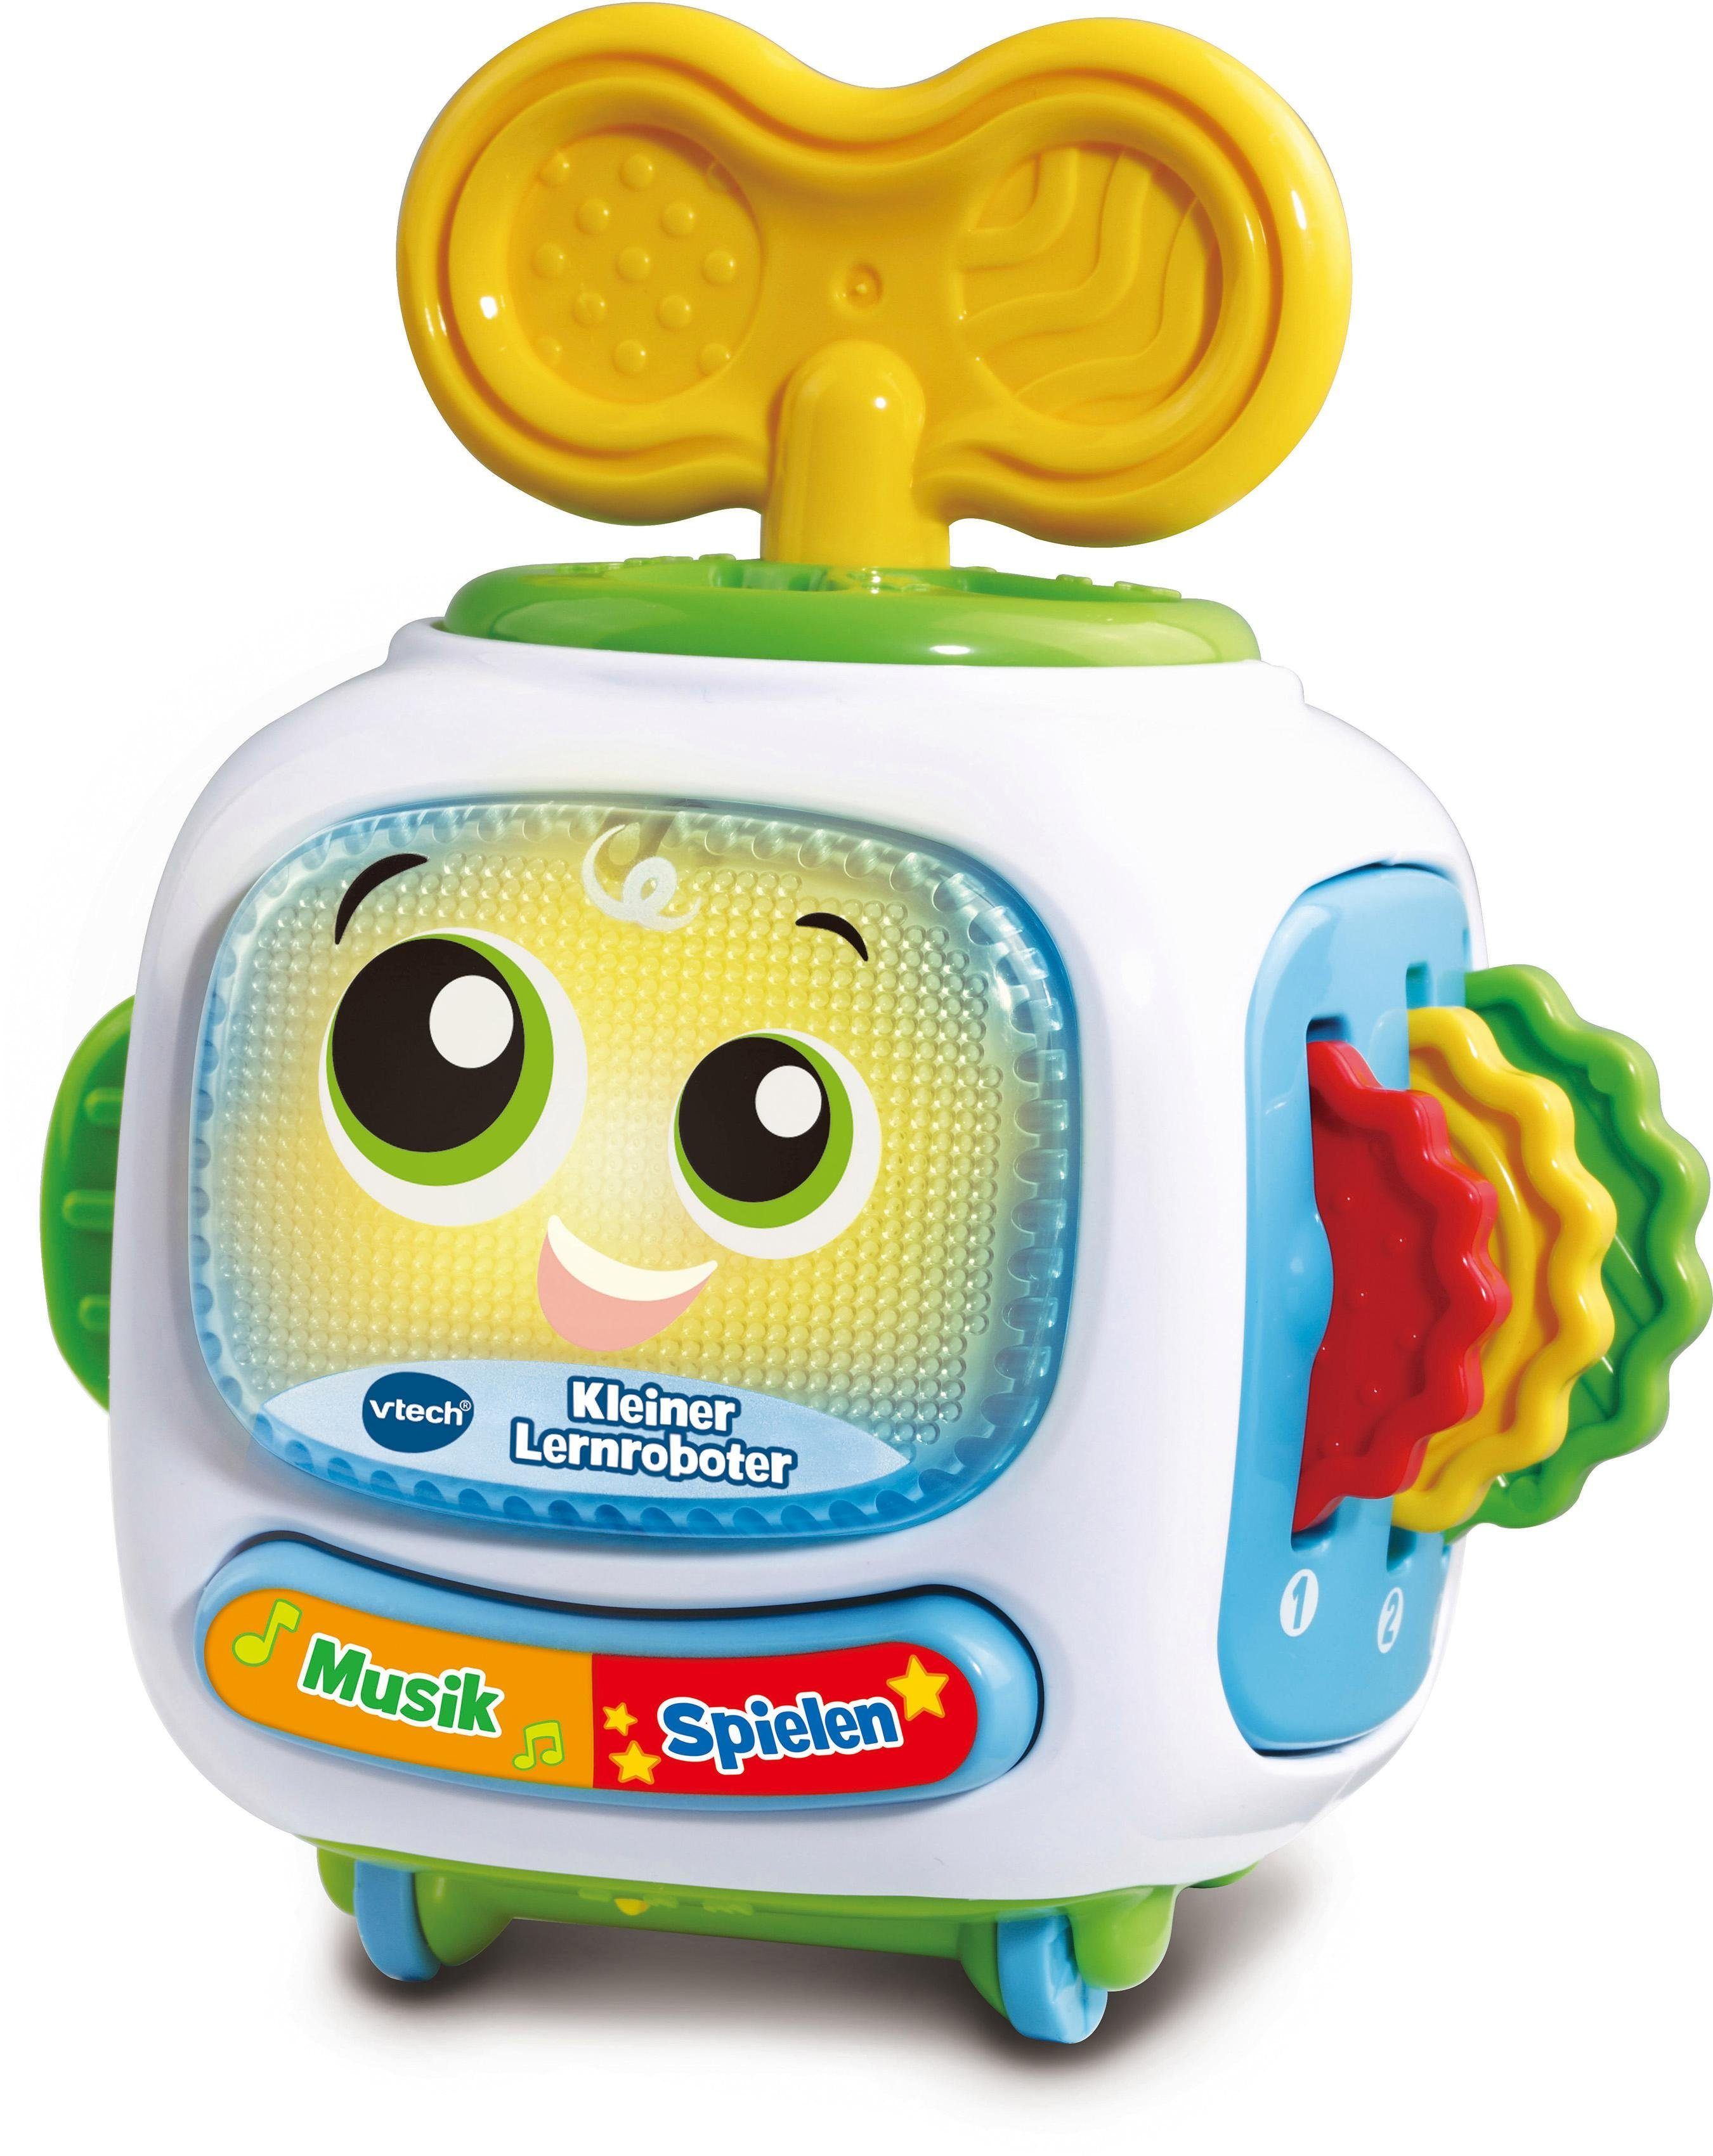 Vtech Lernspielzeug Kleiner Lernroboter bunt Kinder Lernspiele